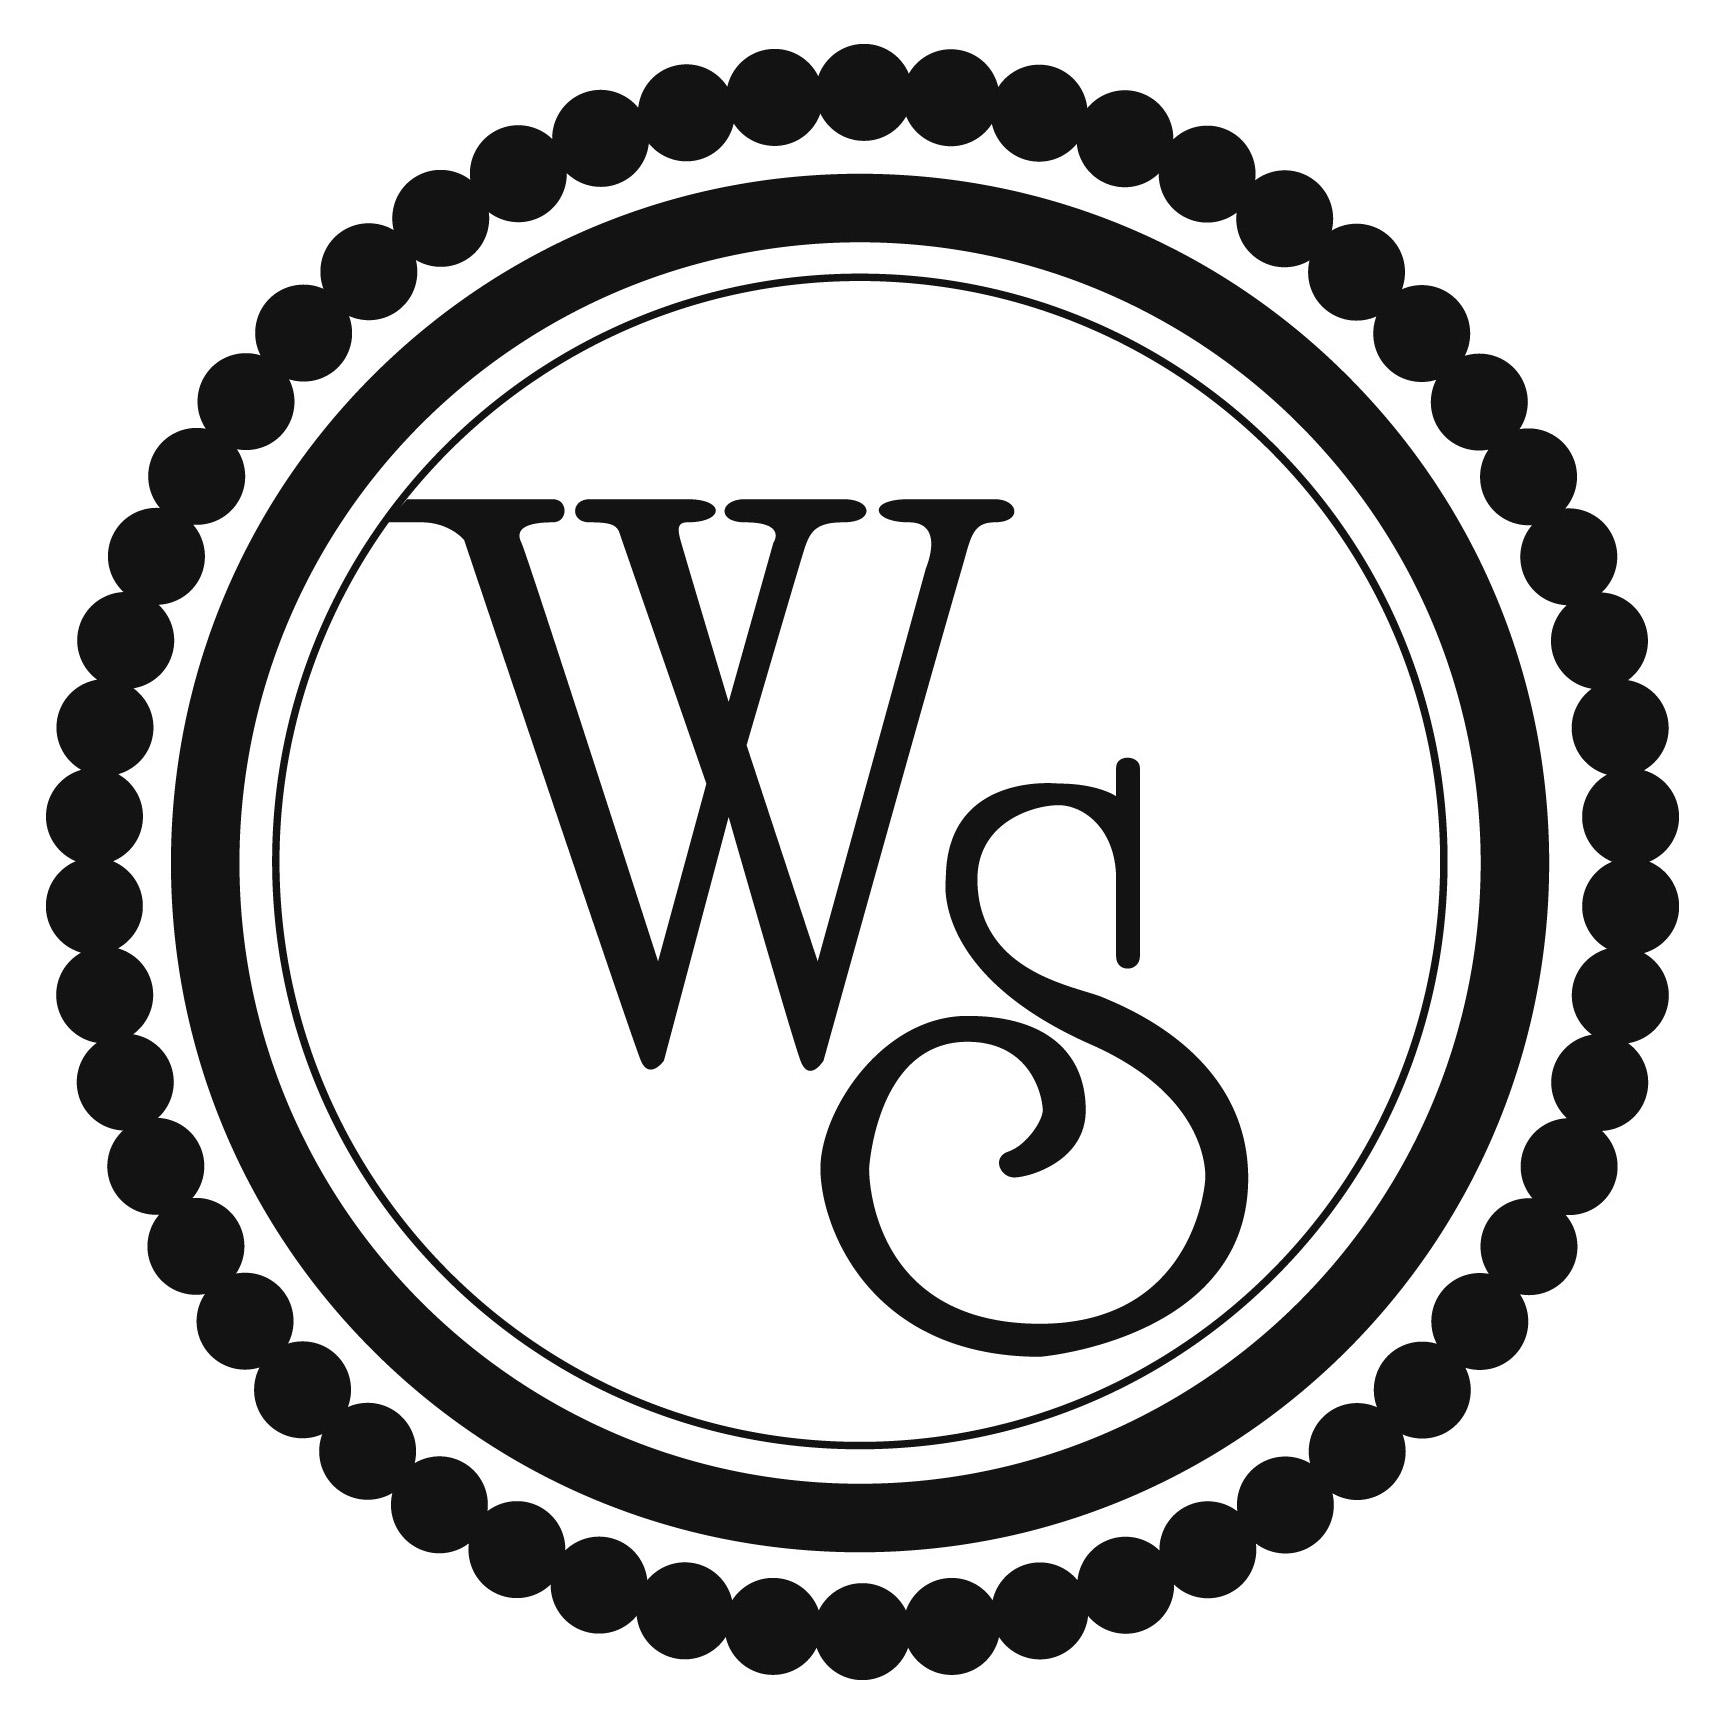 Ws Logos